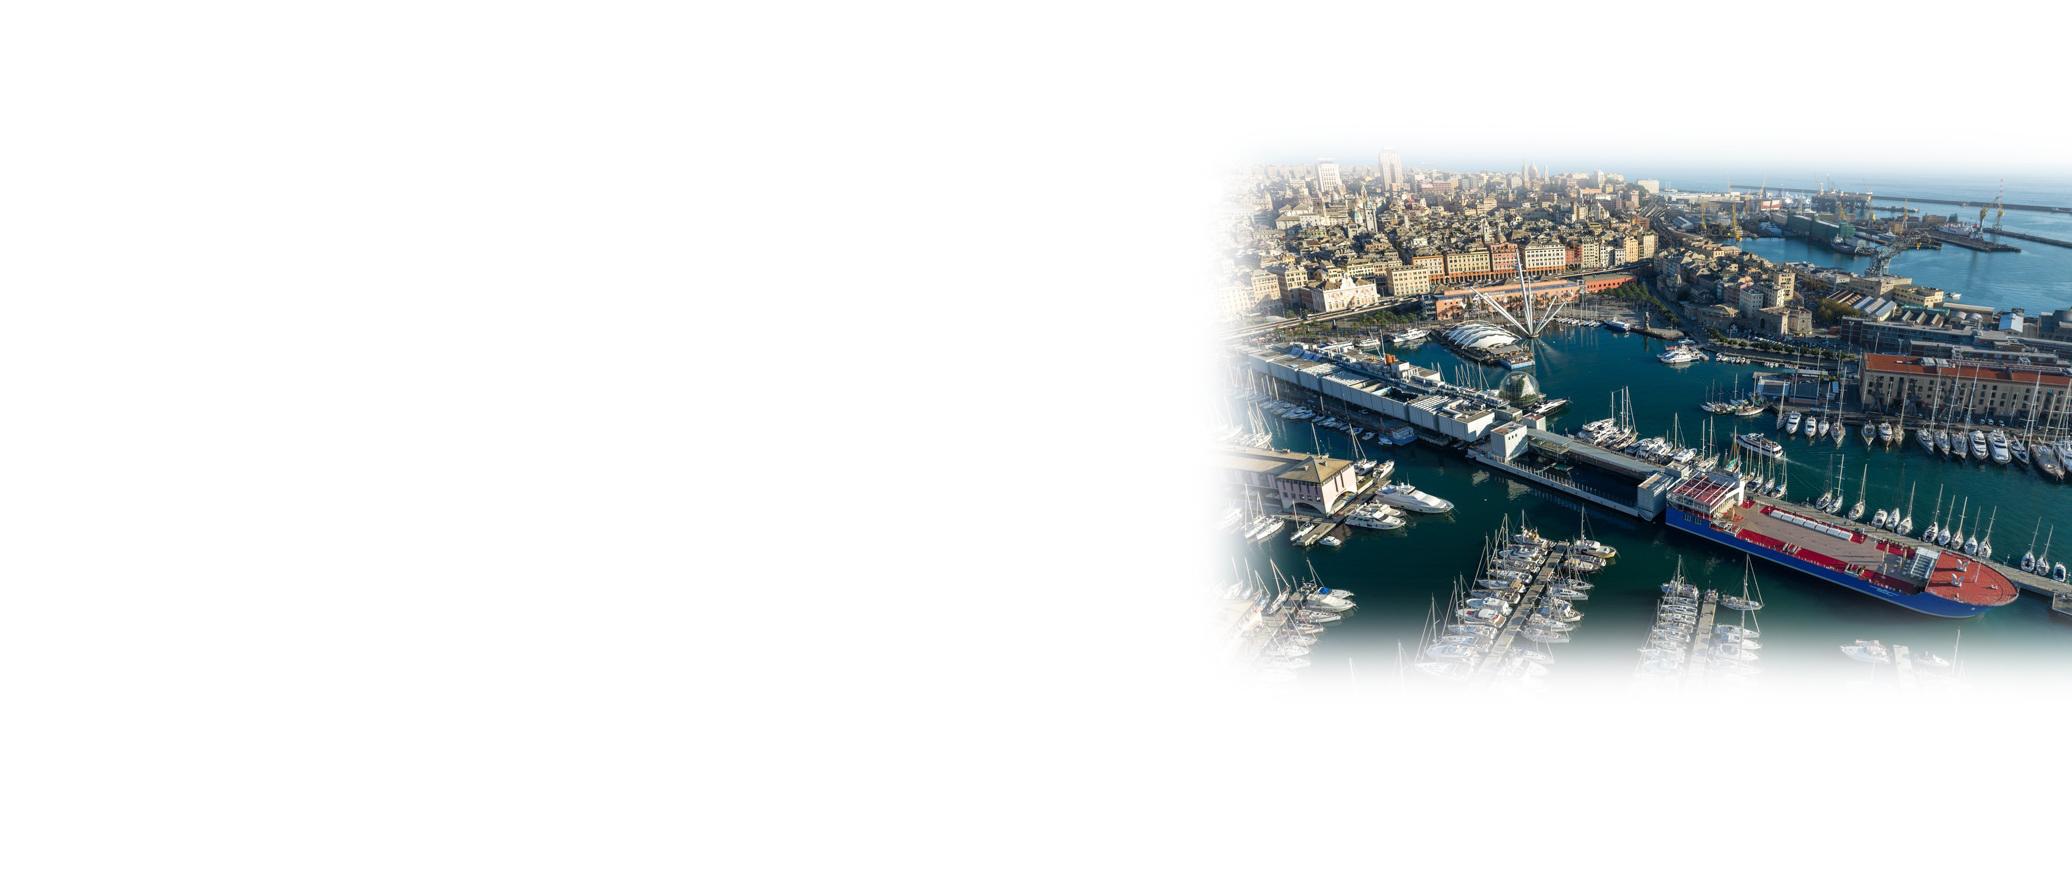 Primavera pianeta acquario acquario di genova for Acquario aperto prezzi